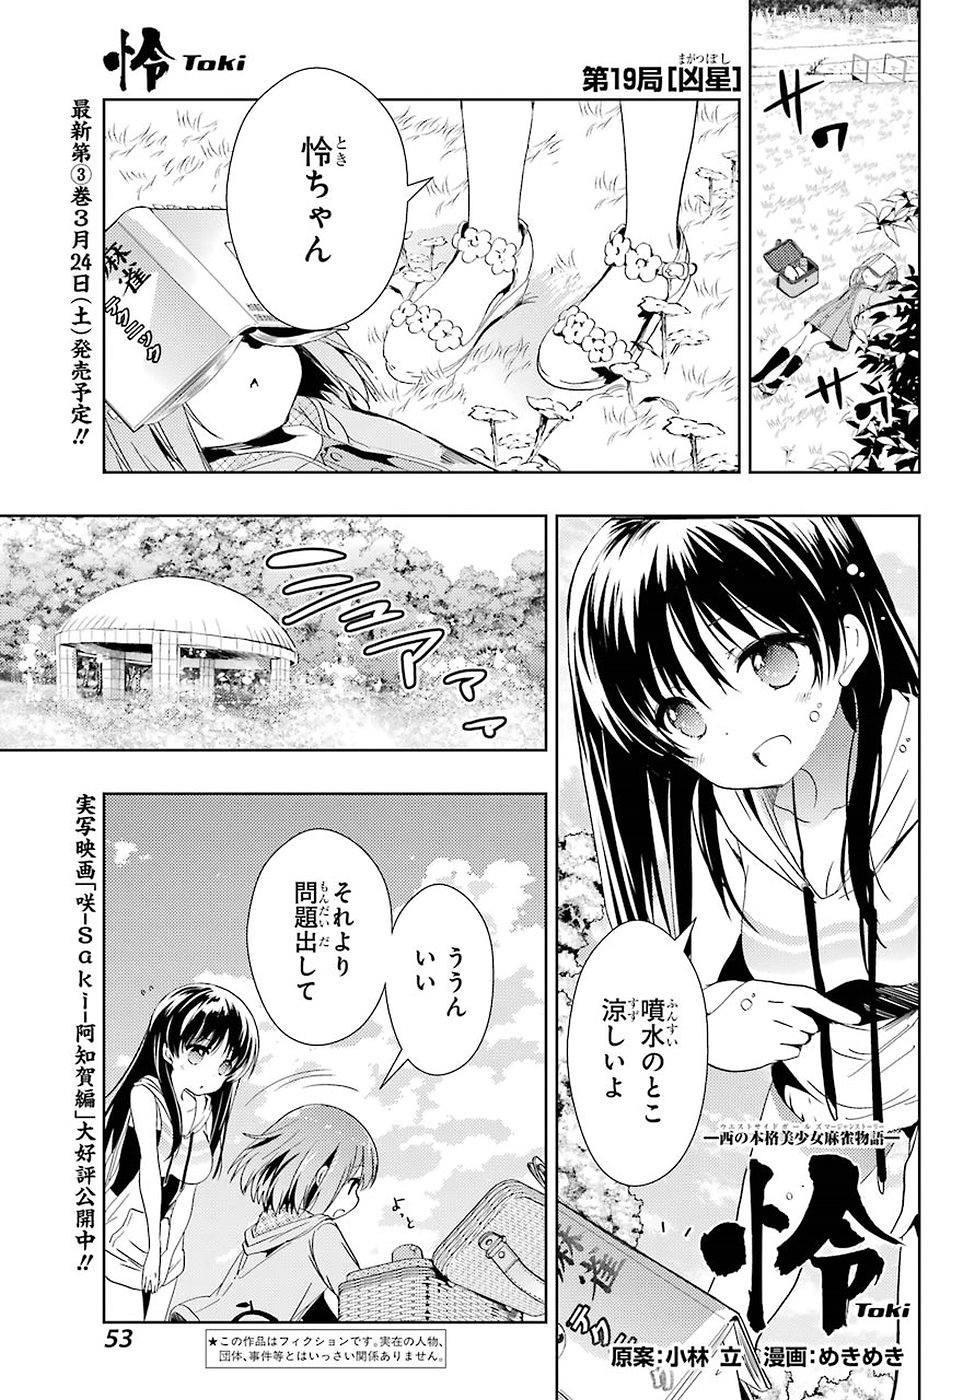 Toki (KOBAYASHI Ritz) - Chapter 019 - Page 1